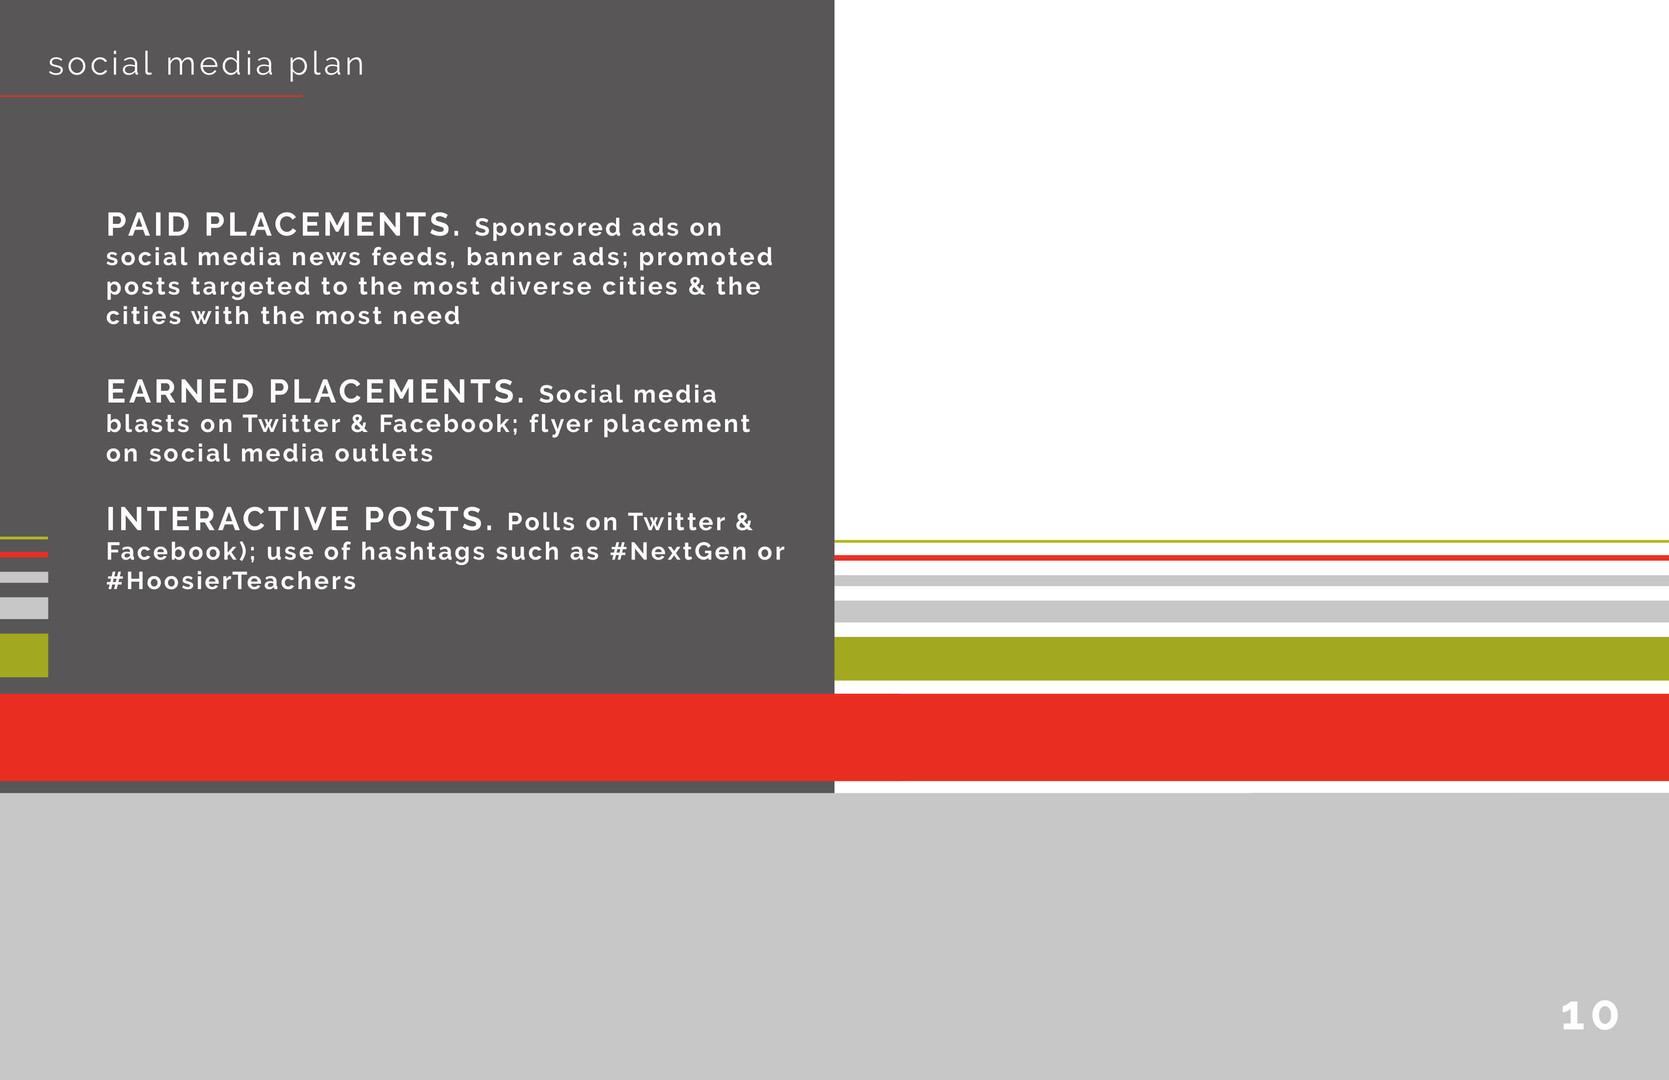 engagency-rfp-11.jpg